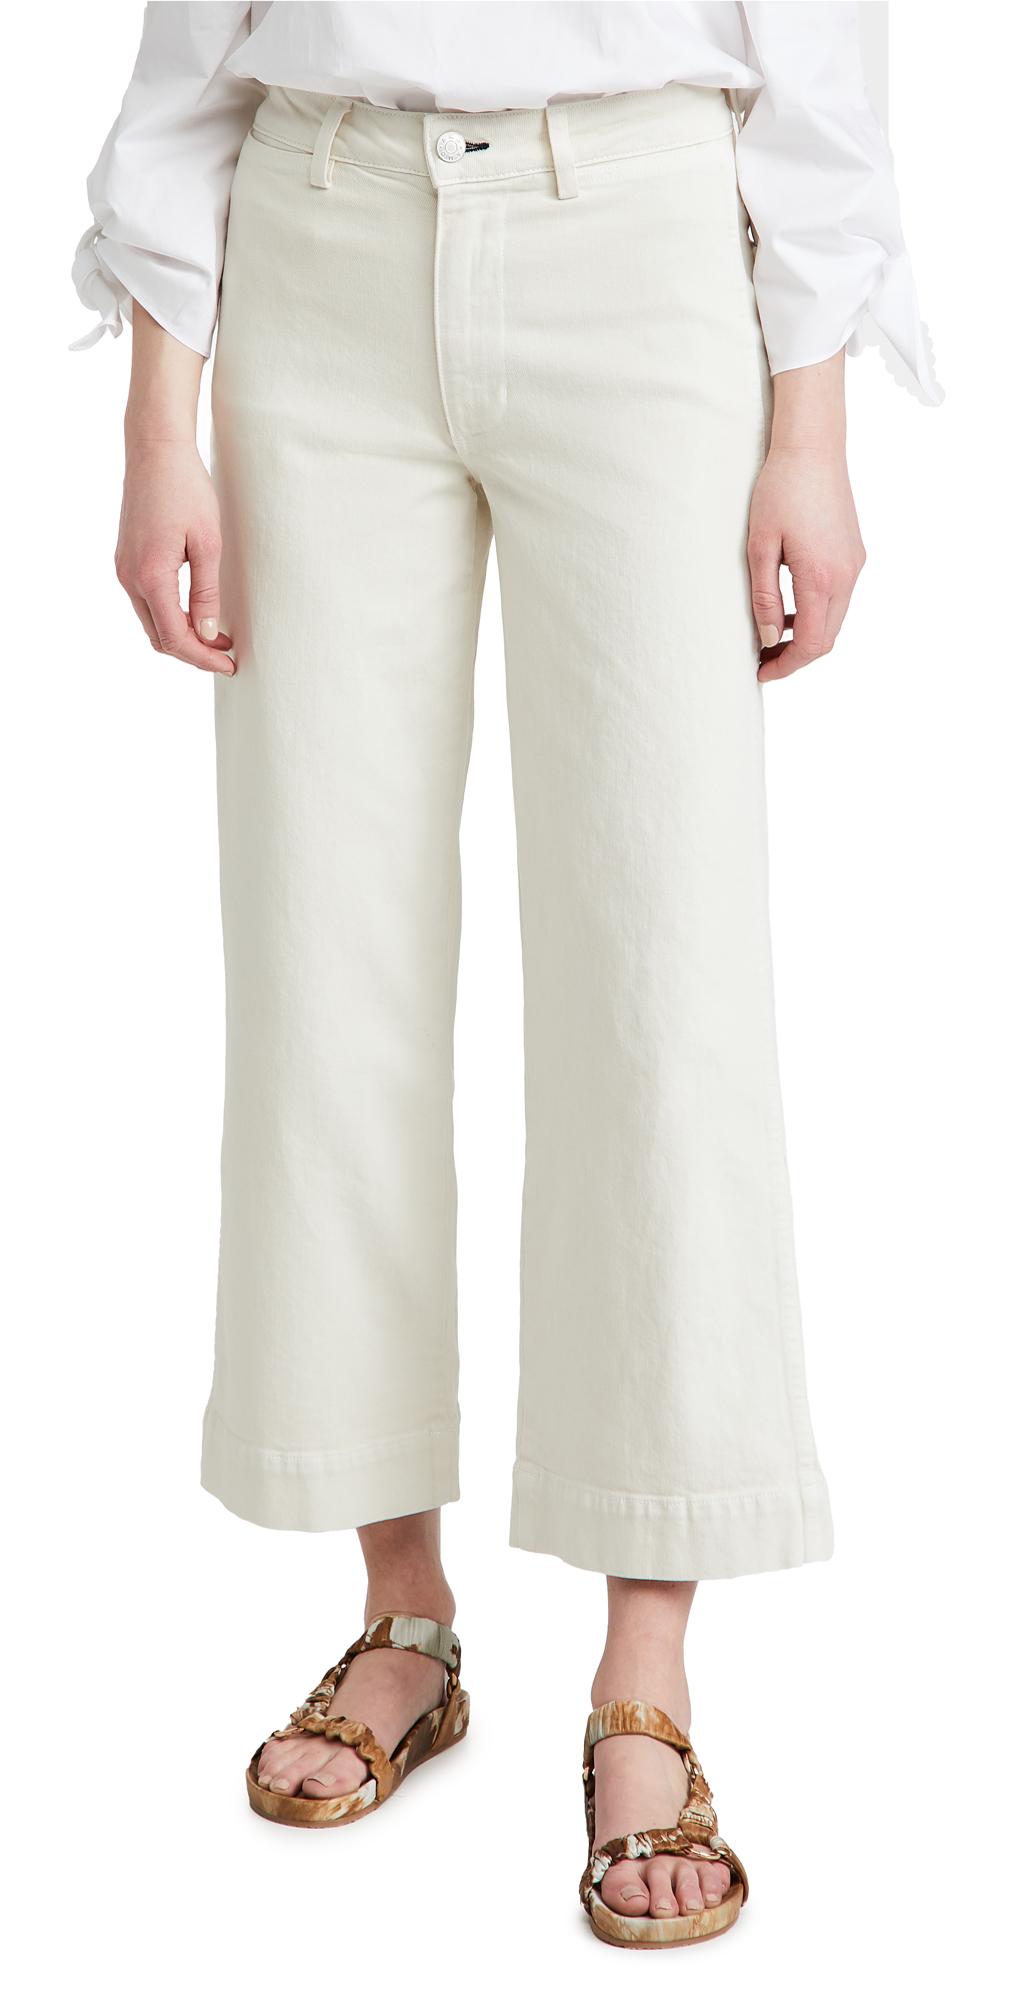 AMO Audrey Wide Leg Jeans